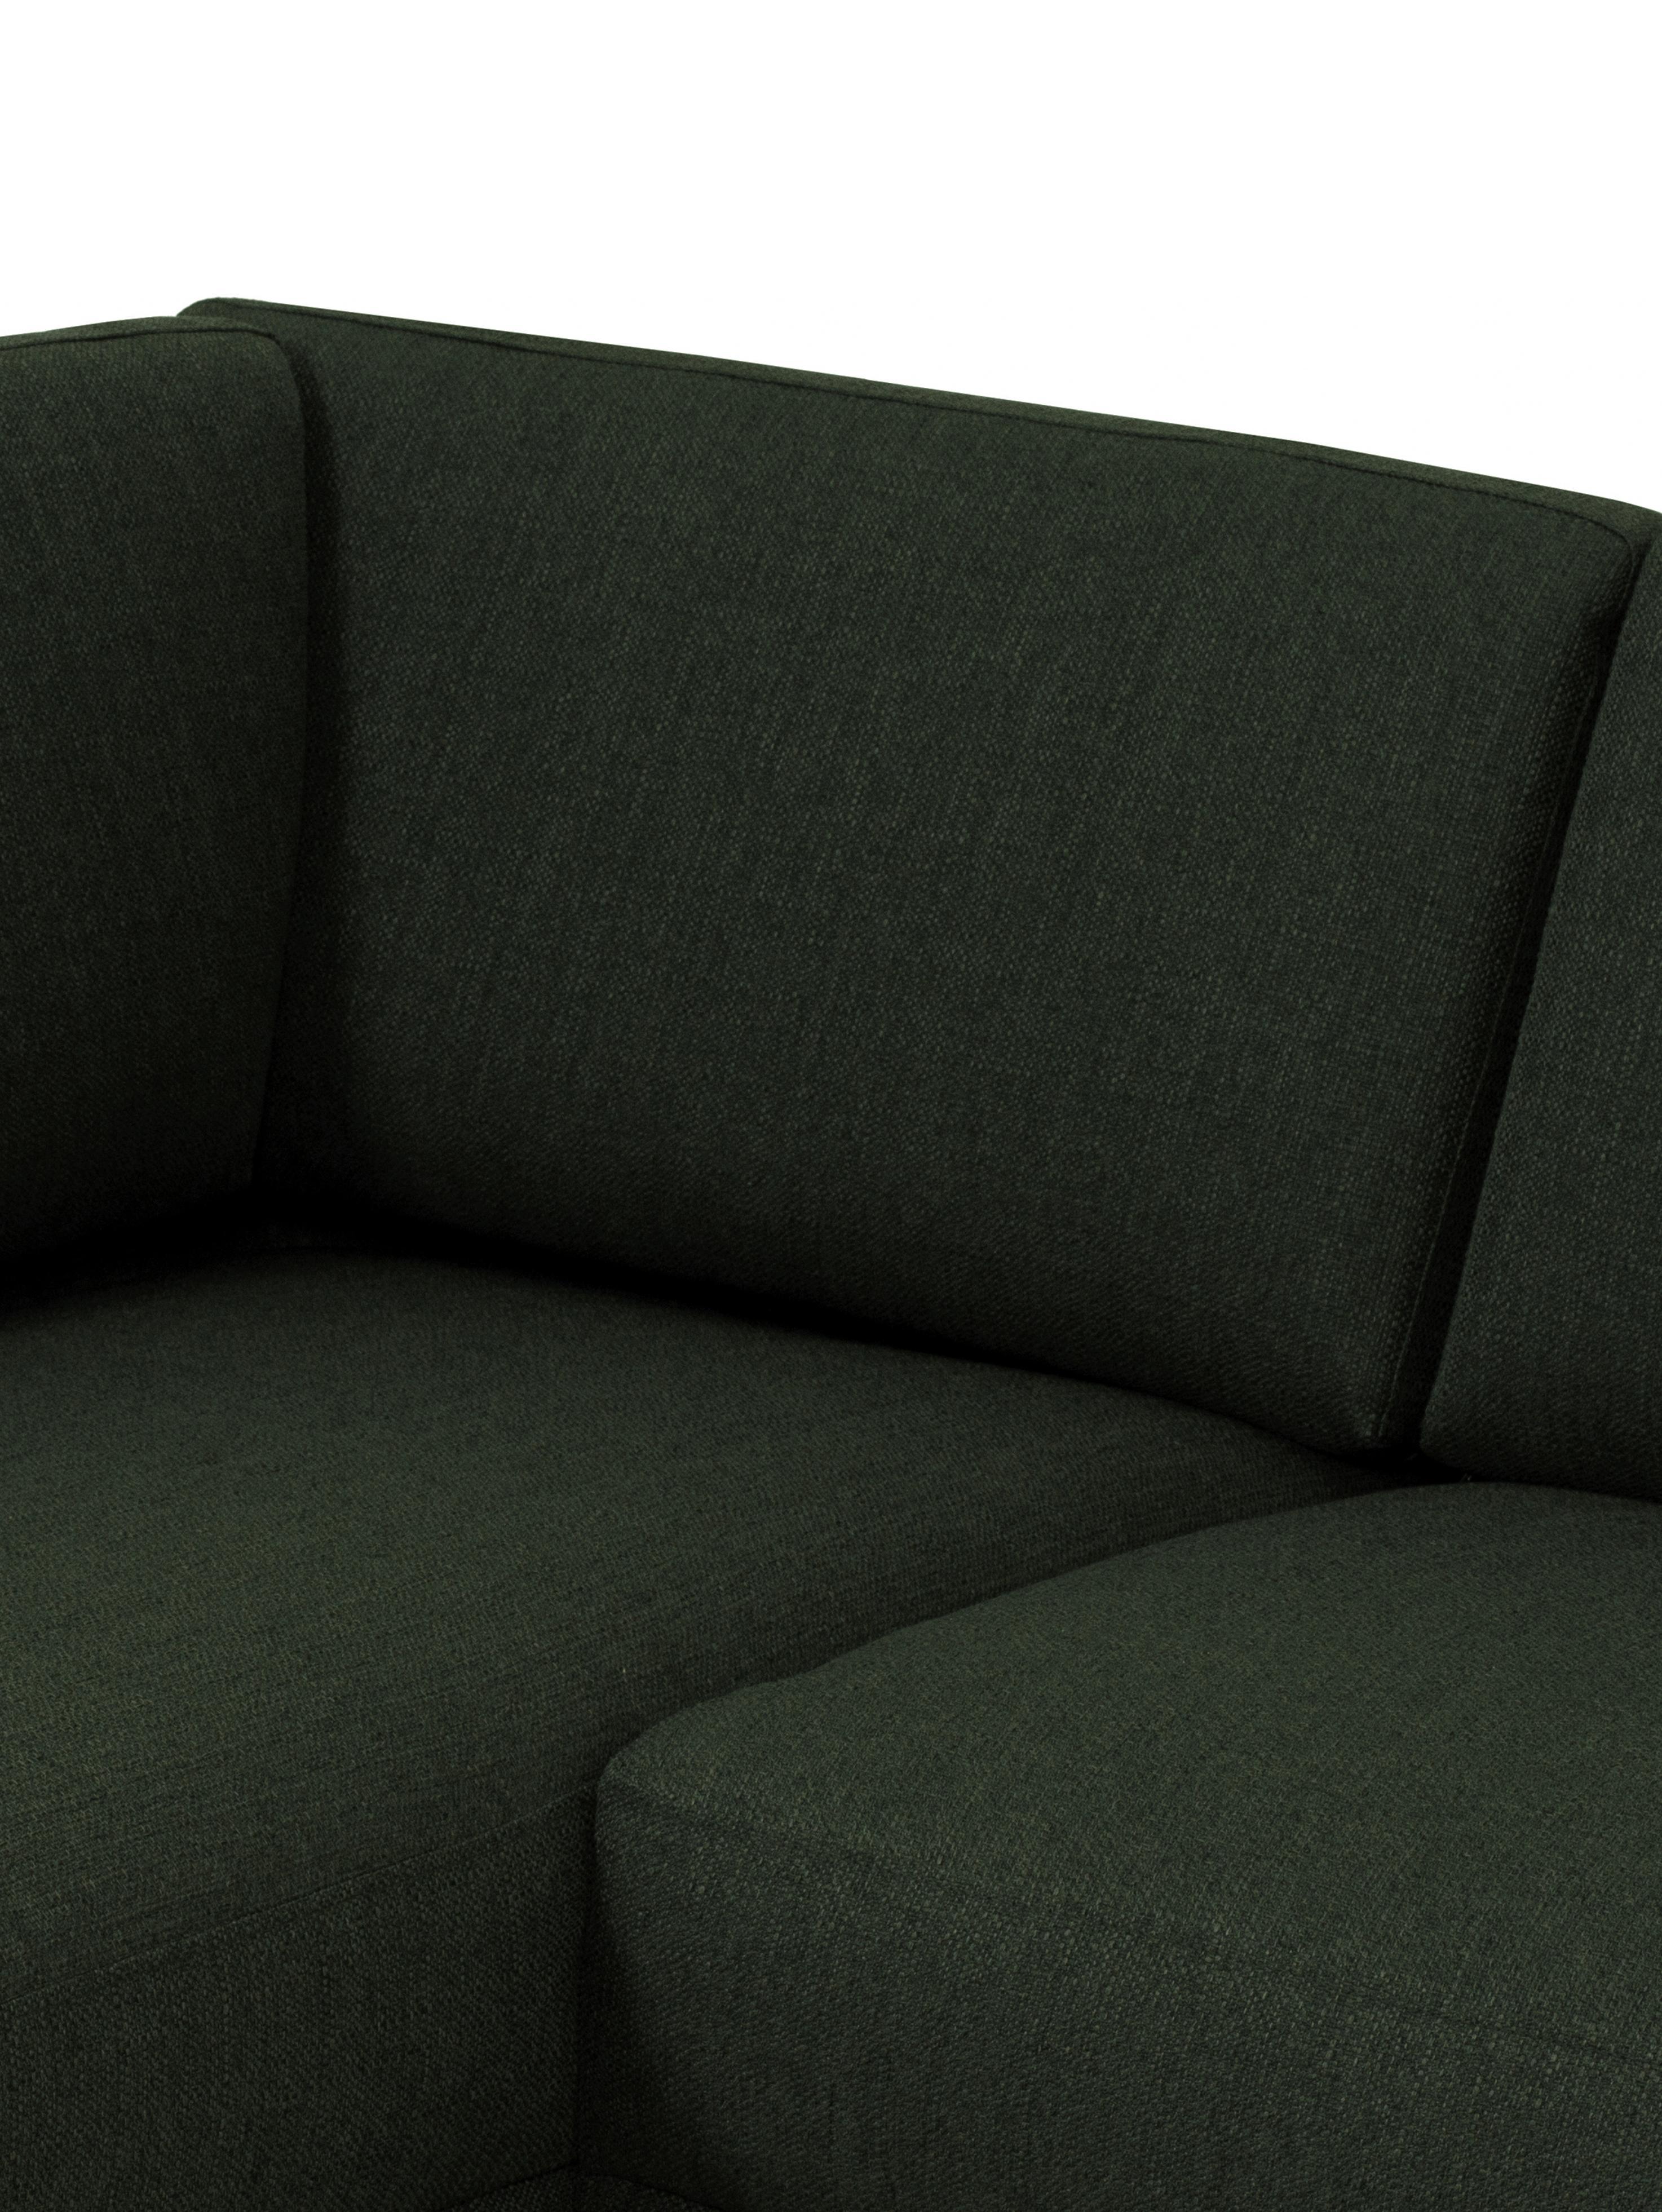 Divano angolare in tessuto verde scuro Fluente, Rivestimento: 100% poliestere 40.000 ci, Struttura: legno di pino massiccio, Piedini: metallo verniciato a polv, Tessuto verde scuro, Larg. 221 x Prof. 200 cm